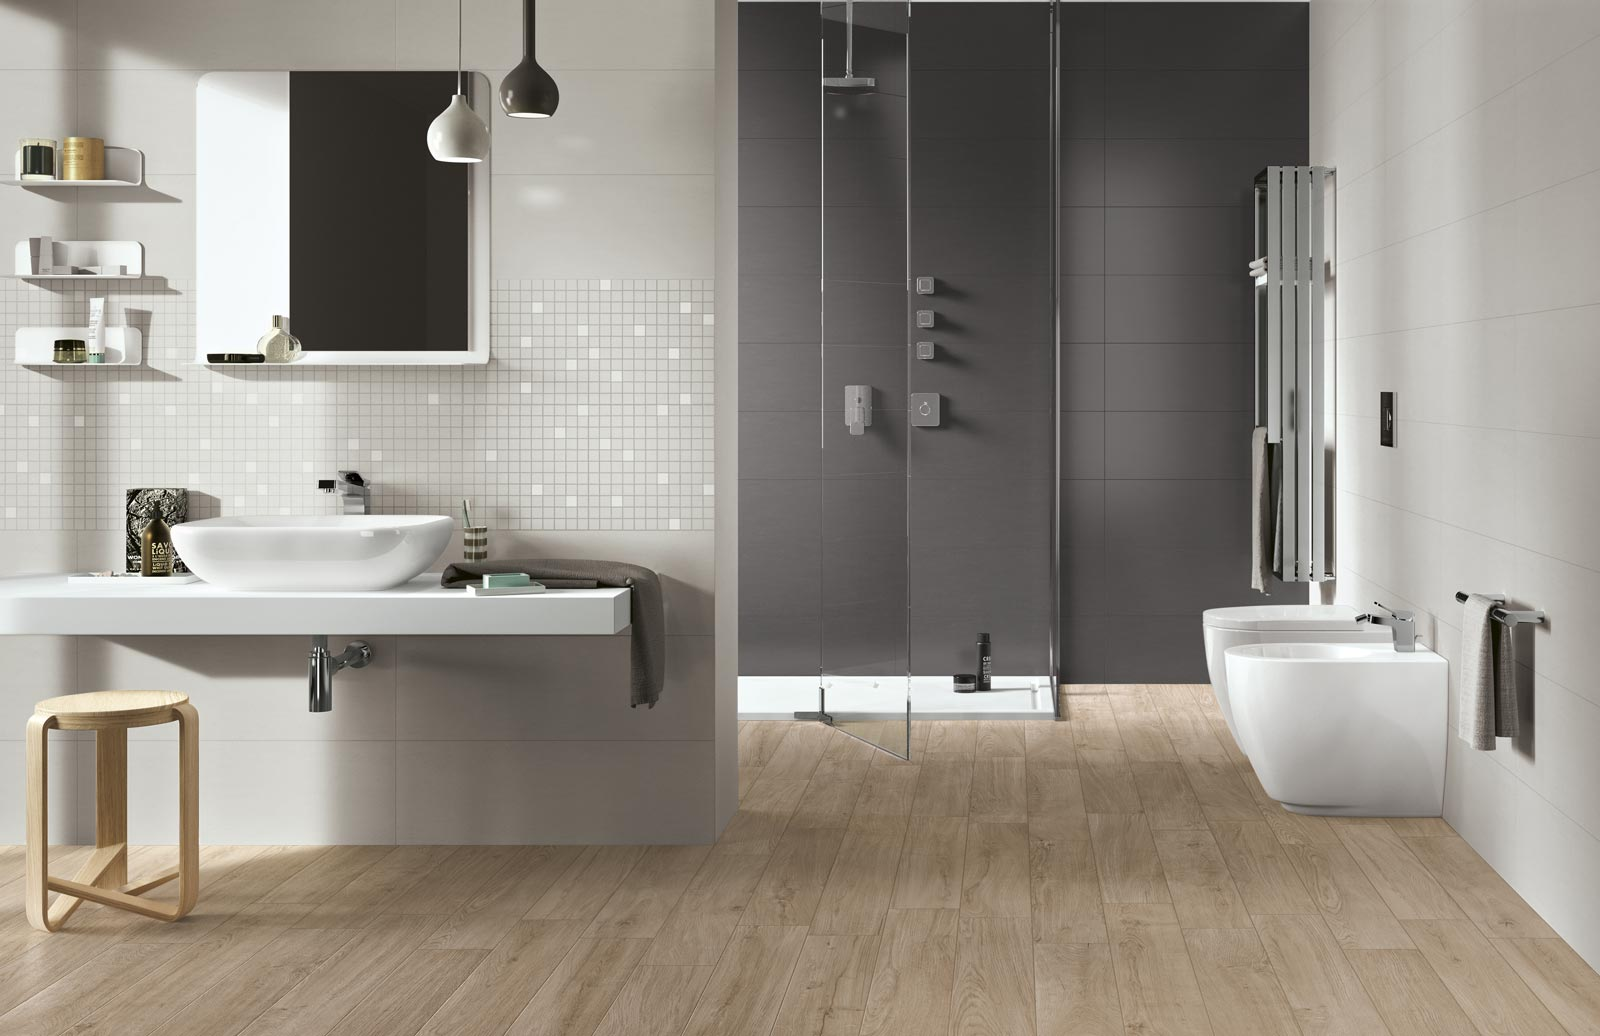 Piastrelle effetto legno e parquet ragno - Piastrelle effetto legno per bagno ...